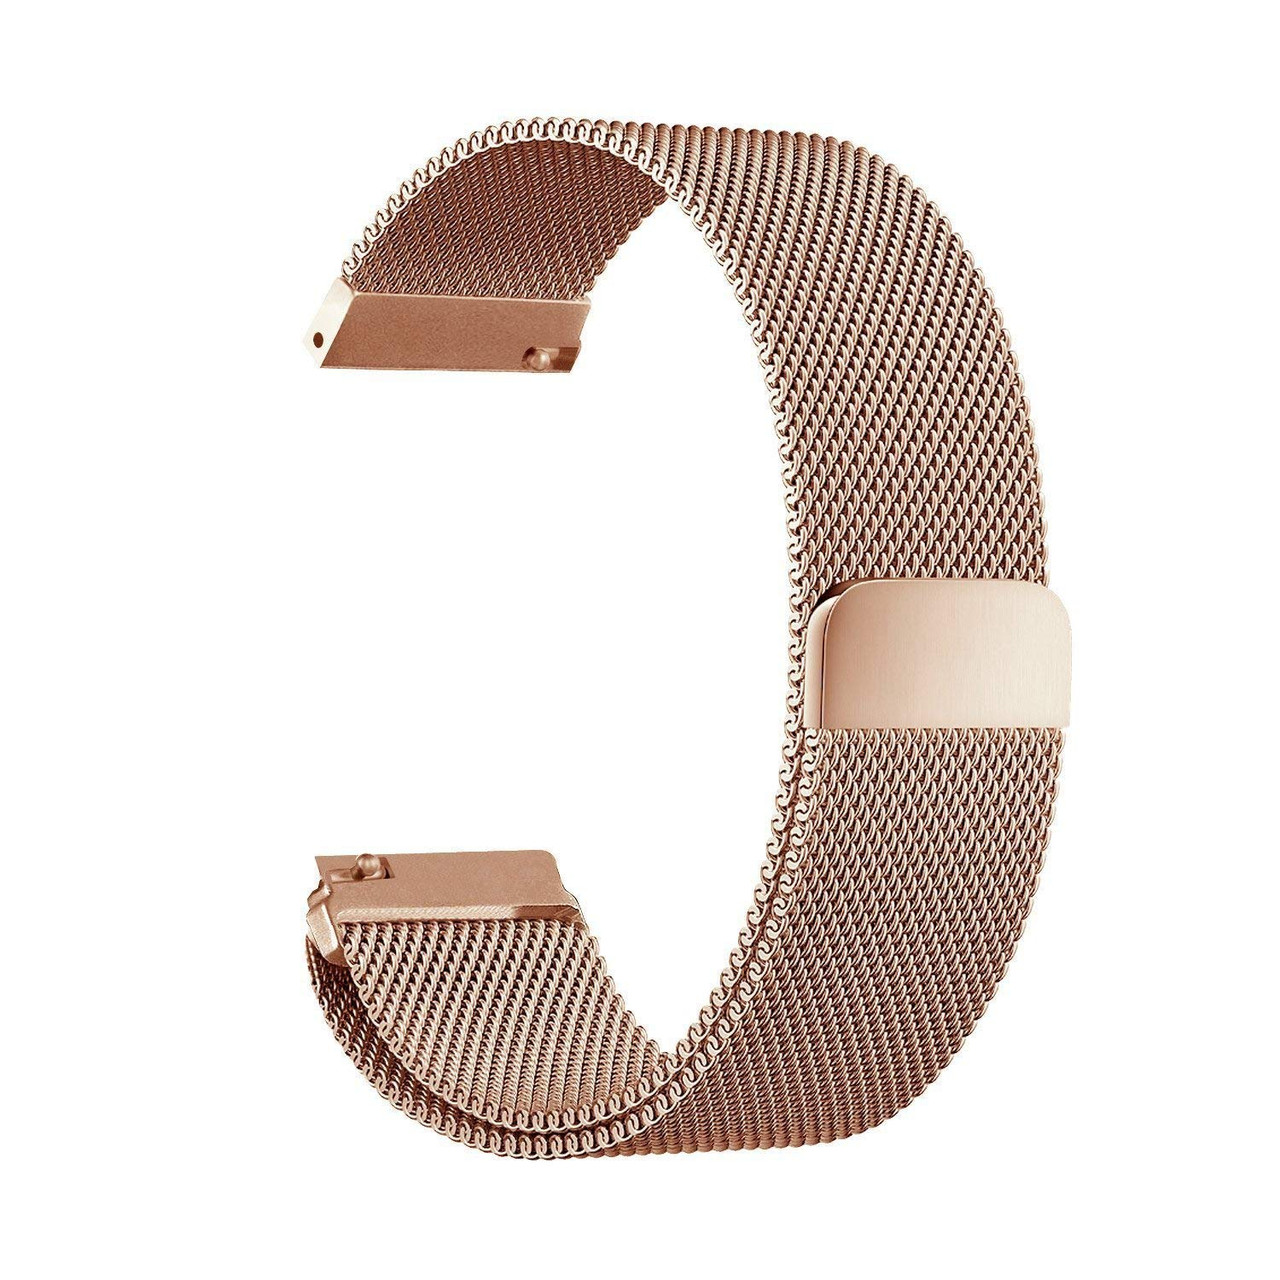 Ремешок универсальный шириной 20мм BeWatch миланская петля   milanesse loop для смарт-часов Розовое Золото (1010238)